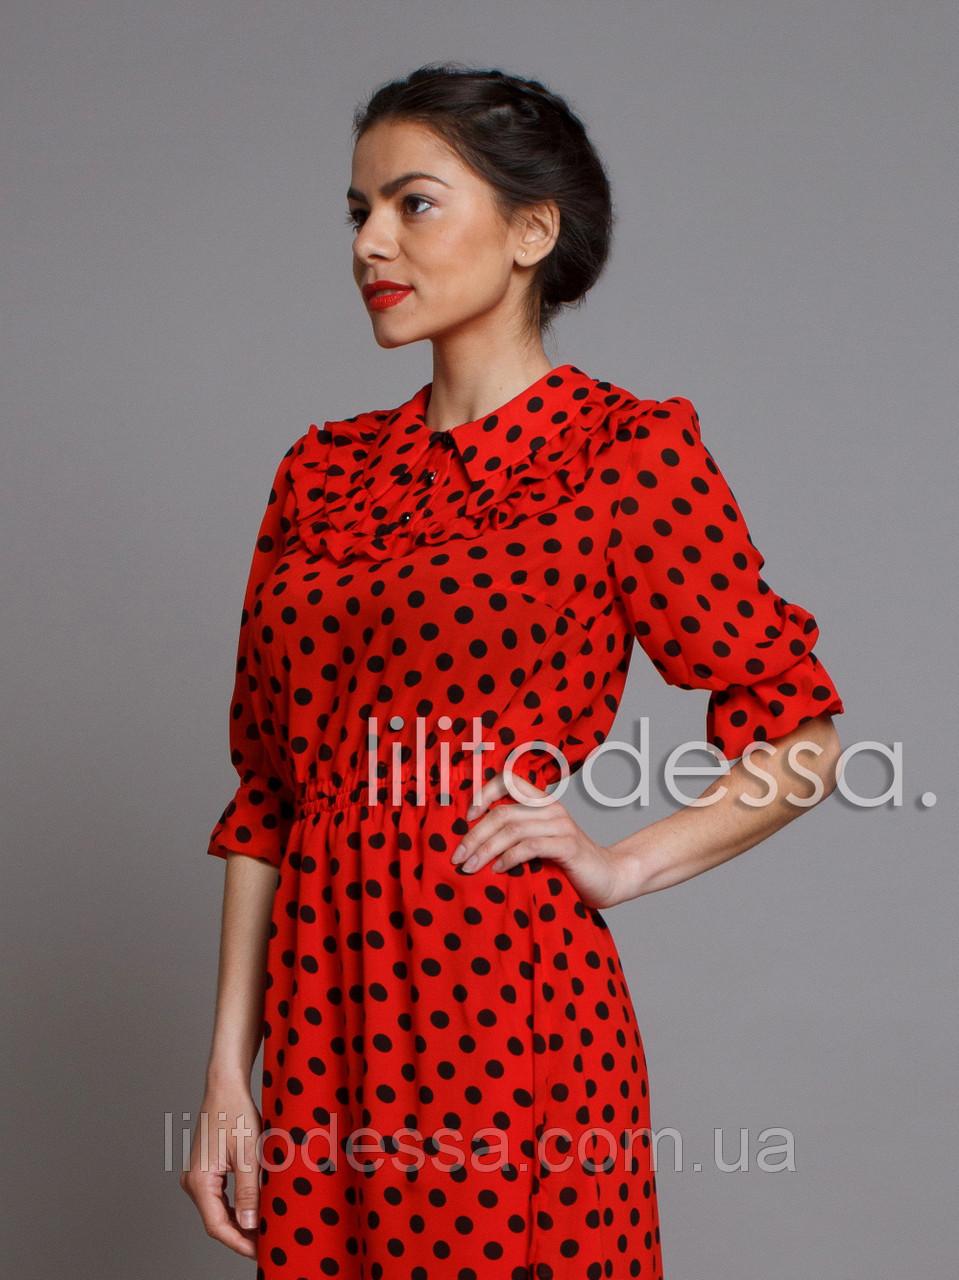 d77c6bf28f1 Платье шифоновое в горох черный  продажа